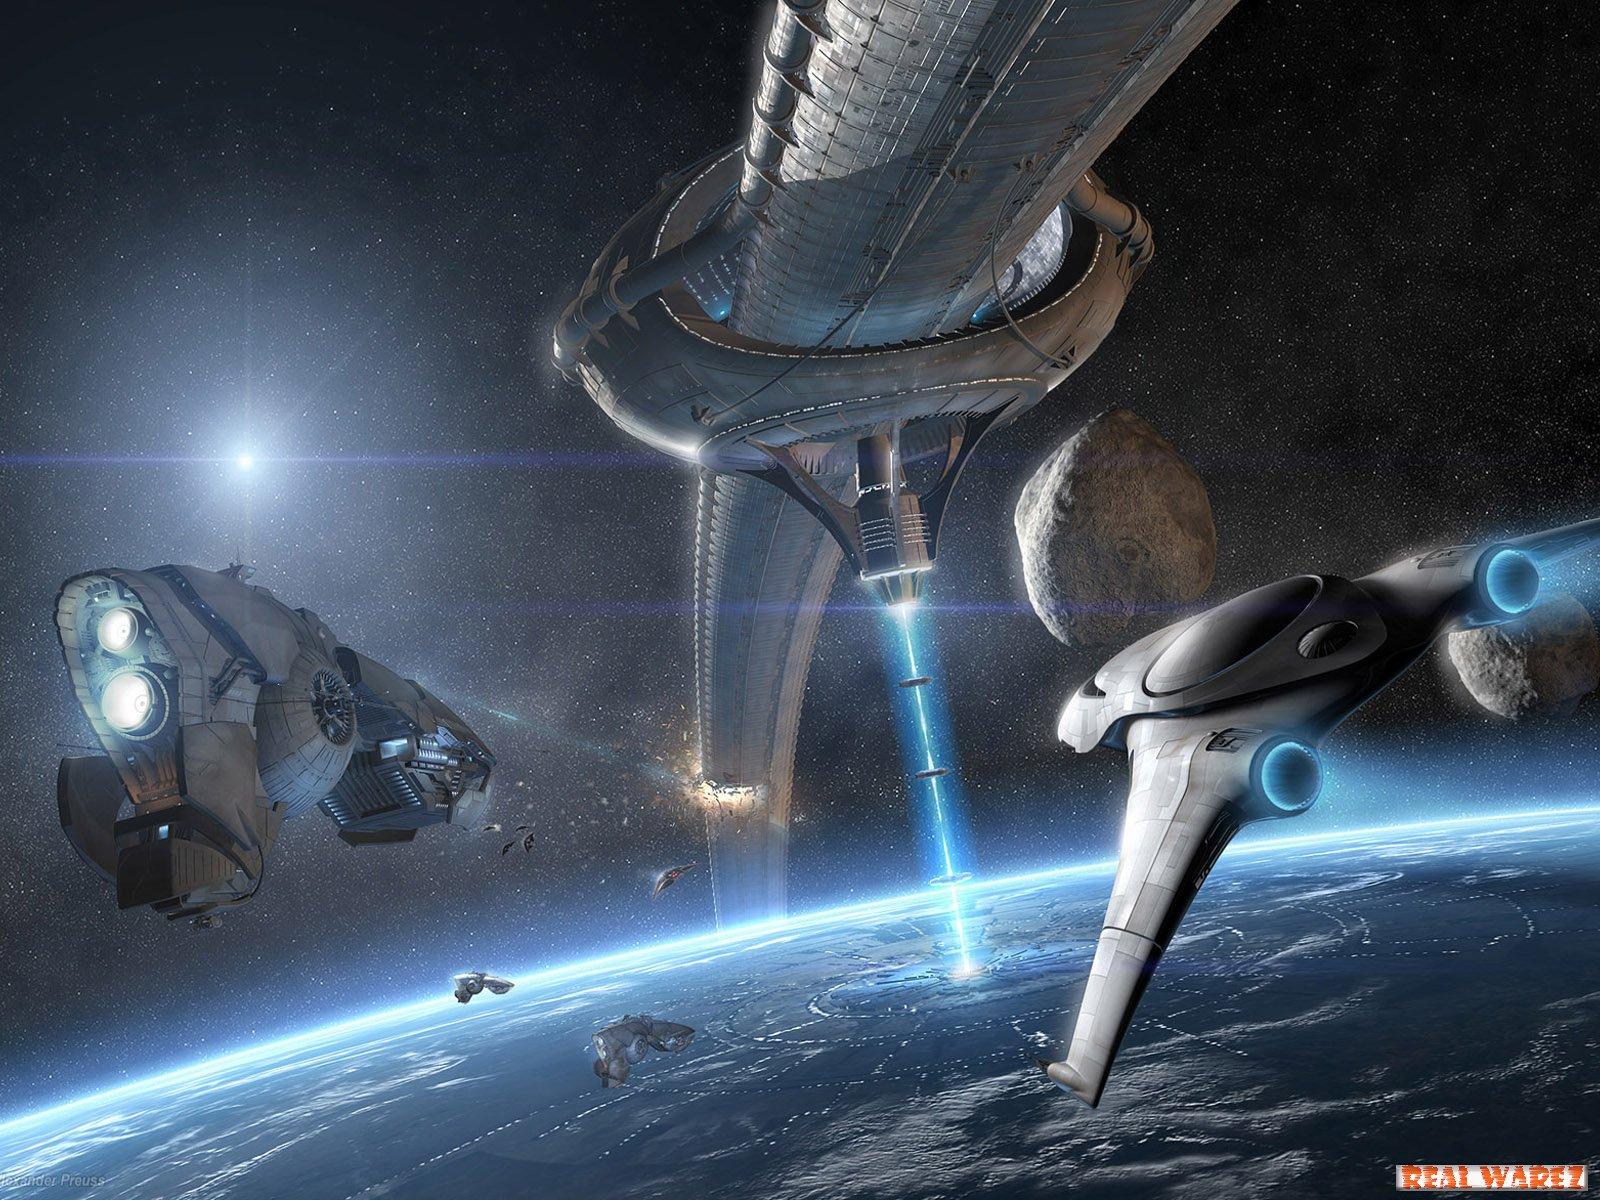 Картинки по запросу Двигатель на водороде микроволновый луч полет в космос